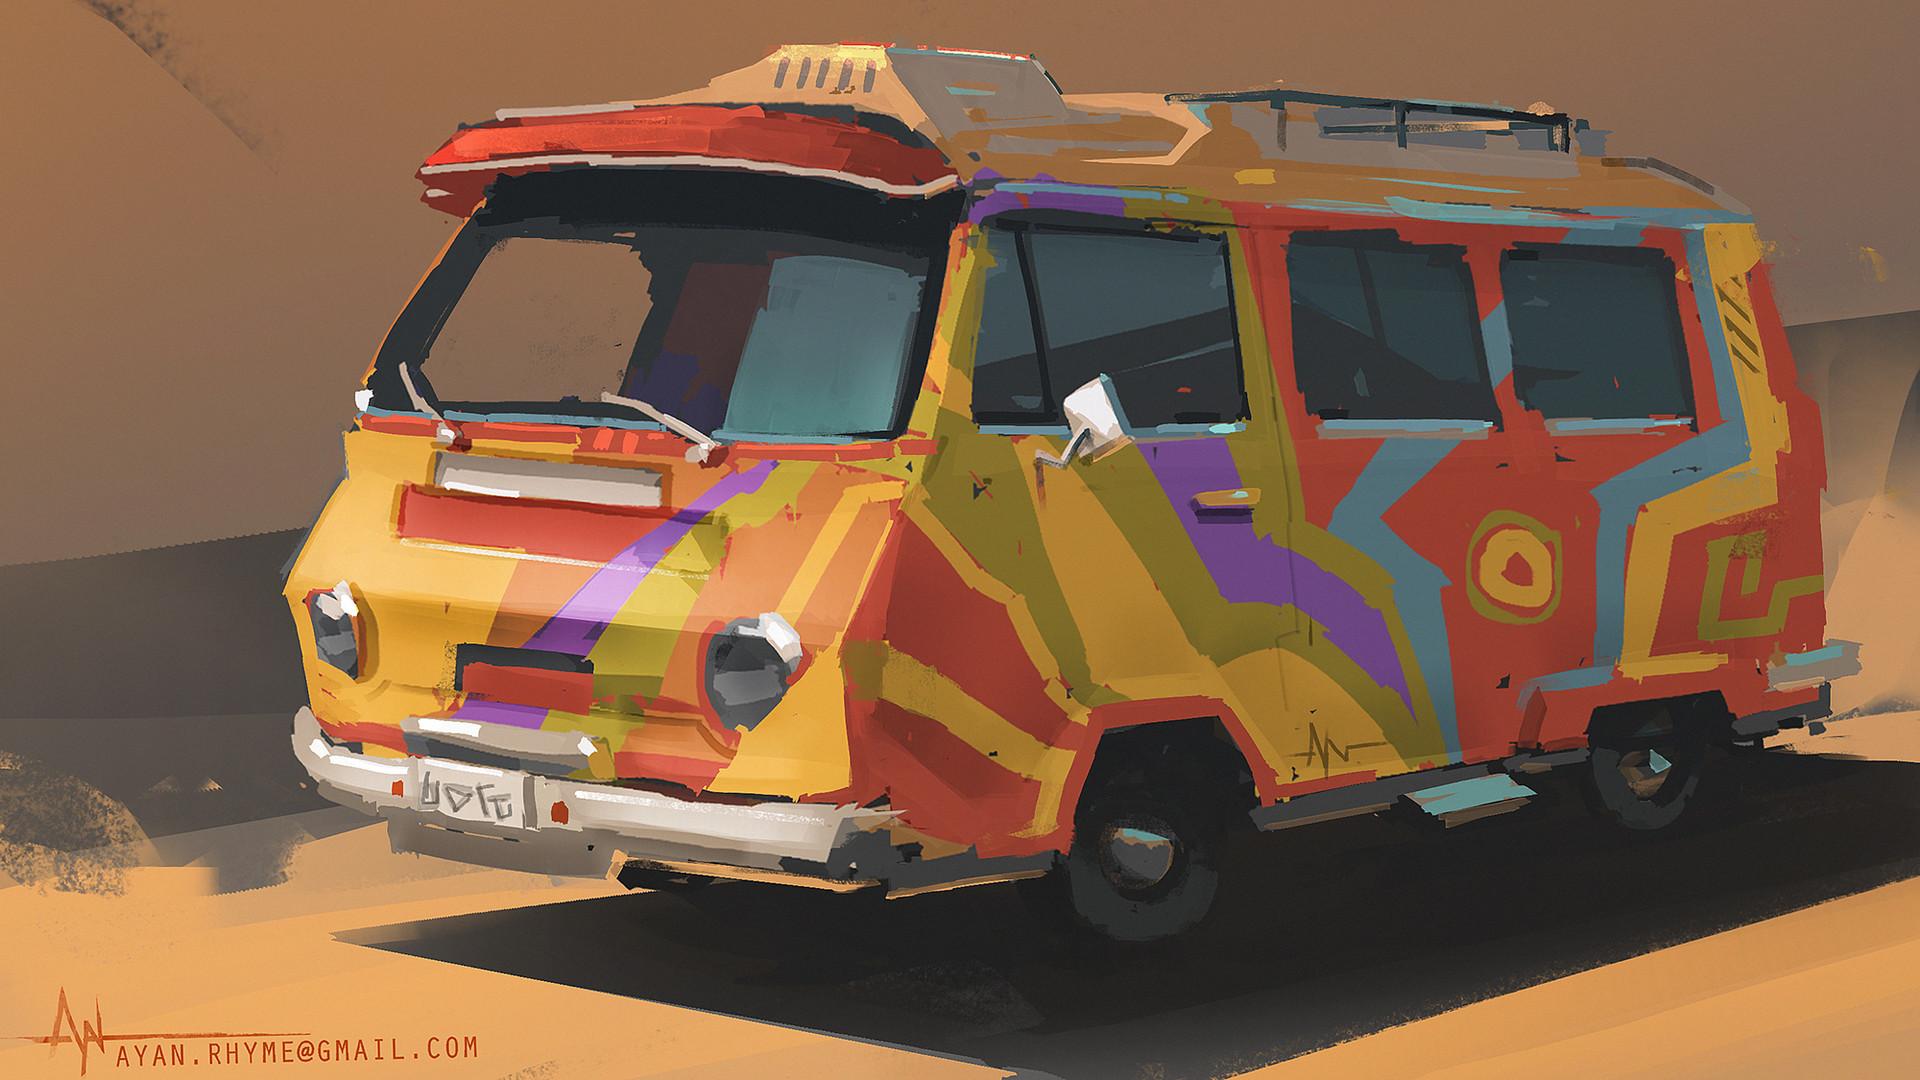 Ayan nag hippie bus by ayan nag lr